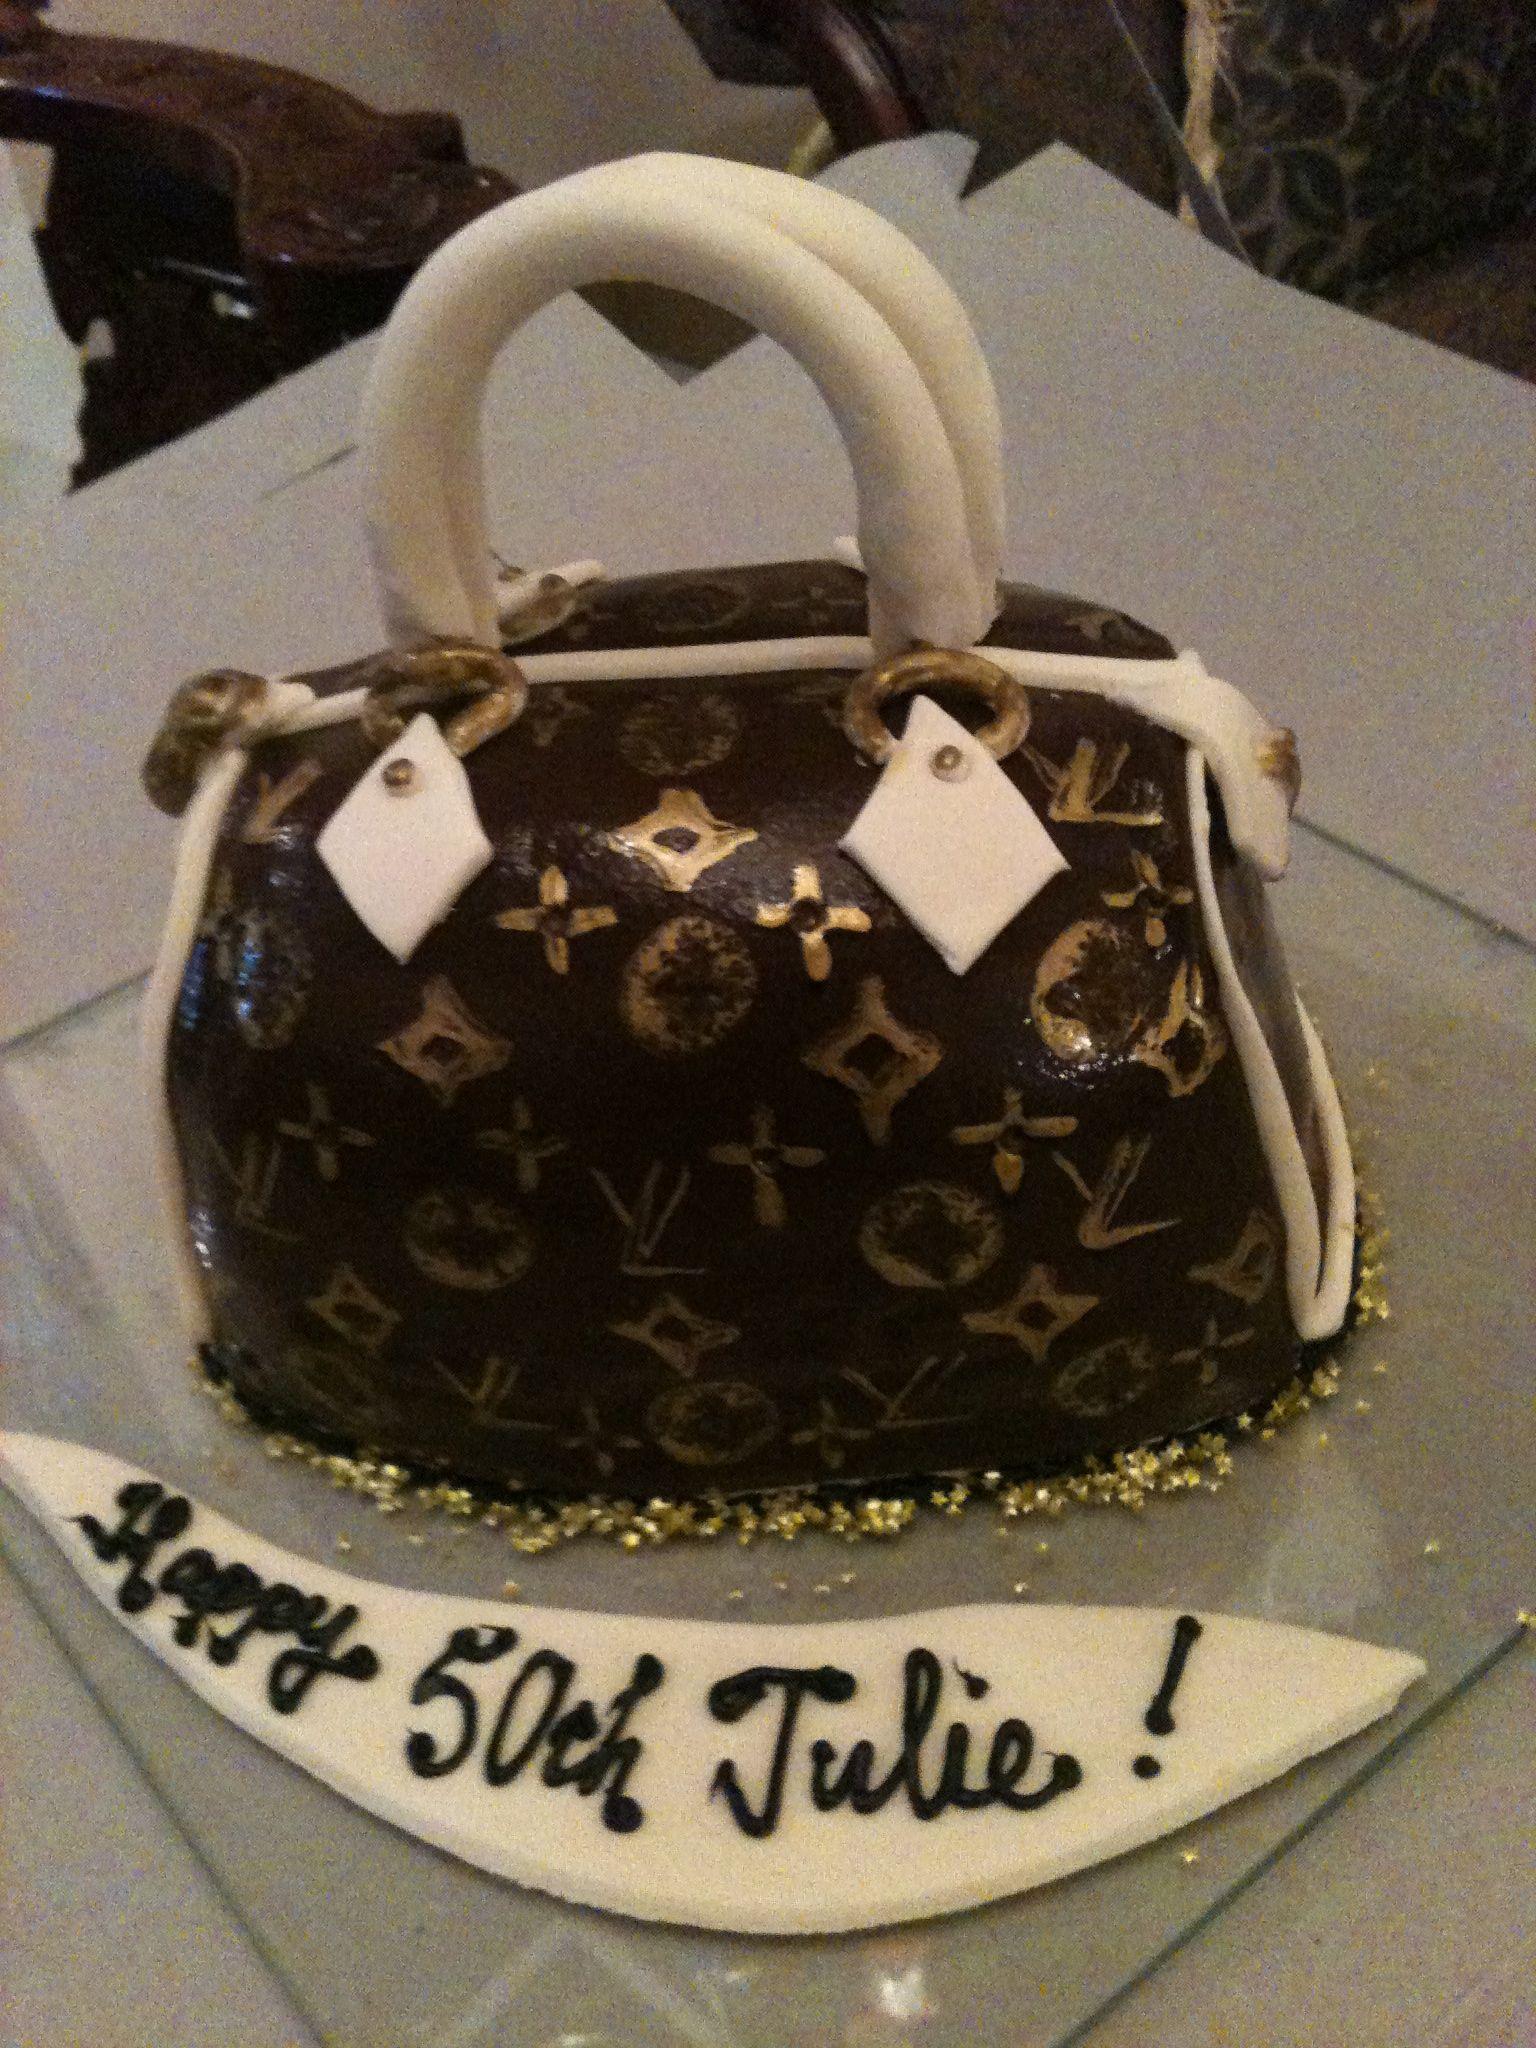 Trifles Designer Handbag Birthdaycake Birthday Cakes Pinterest